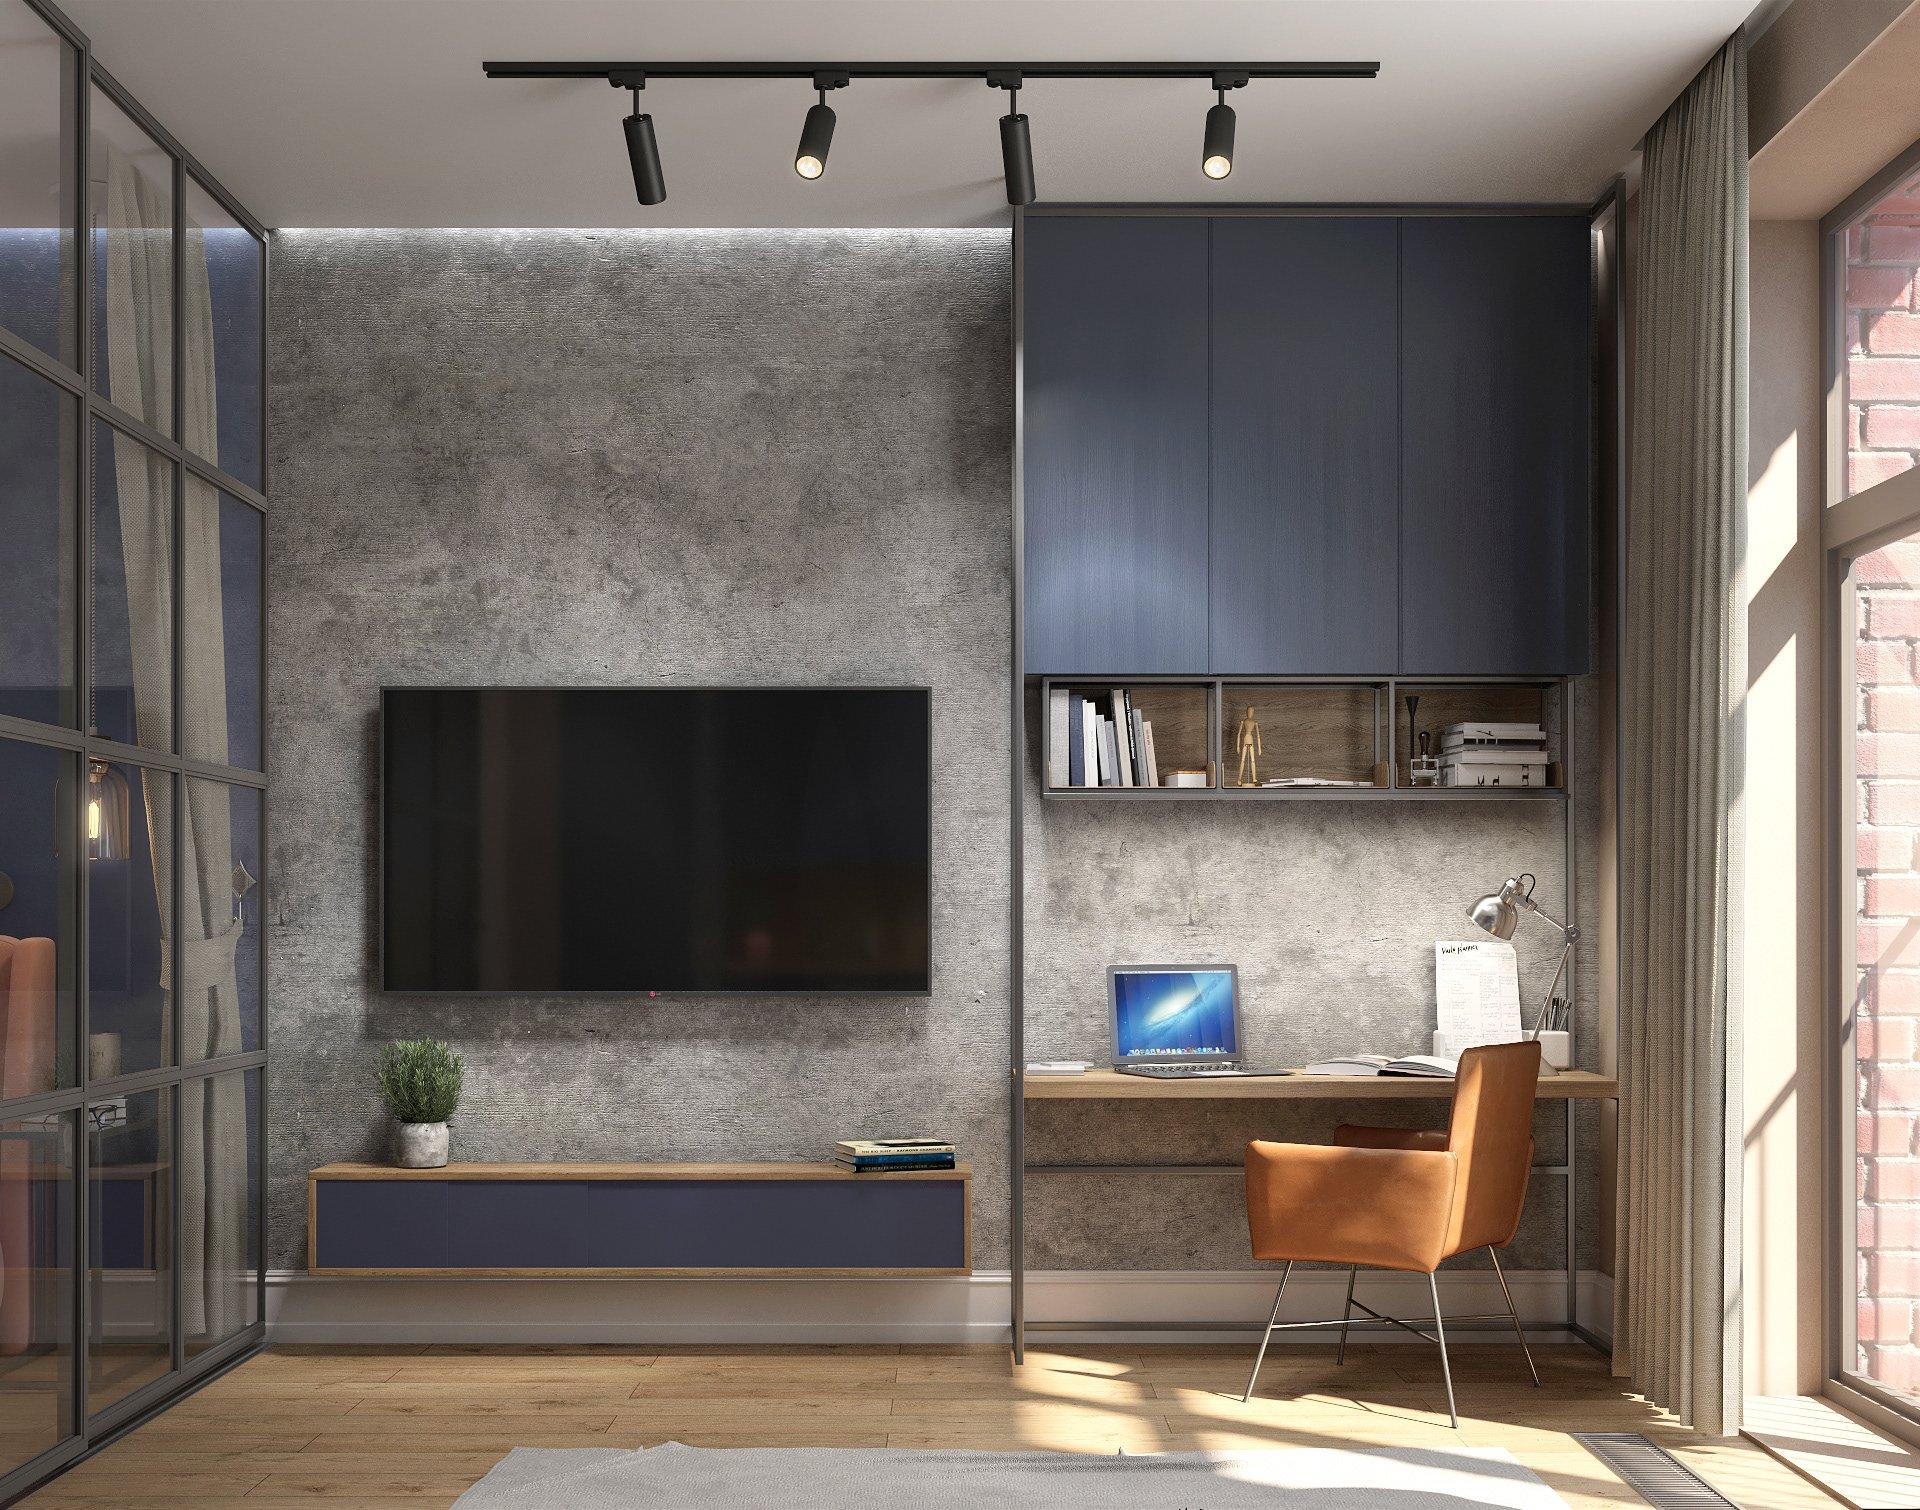 Kiến trúc sư tư vấn thiết kế căn hộ 64m² với chi phí 145 triệu đồng - Ảnh 4.